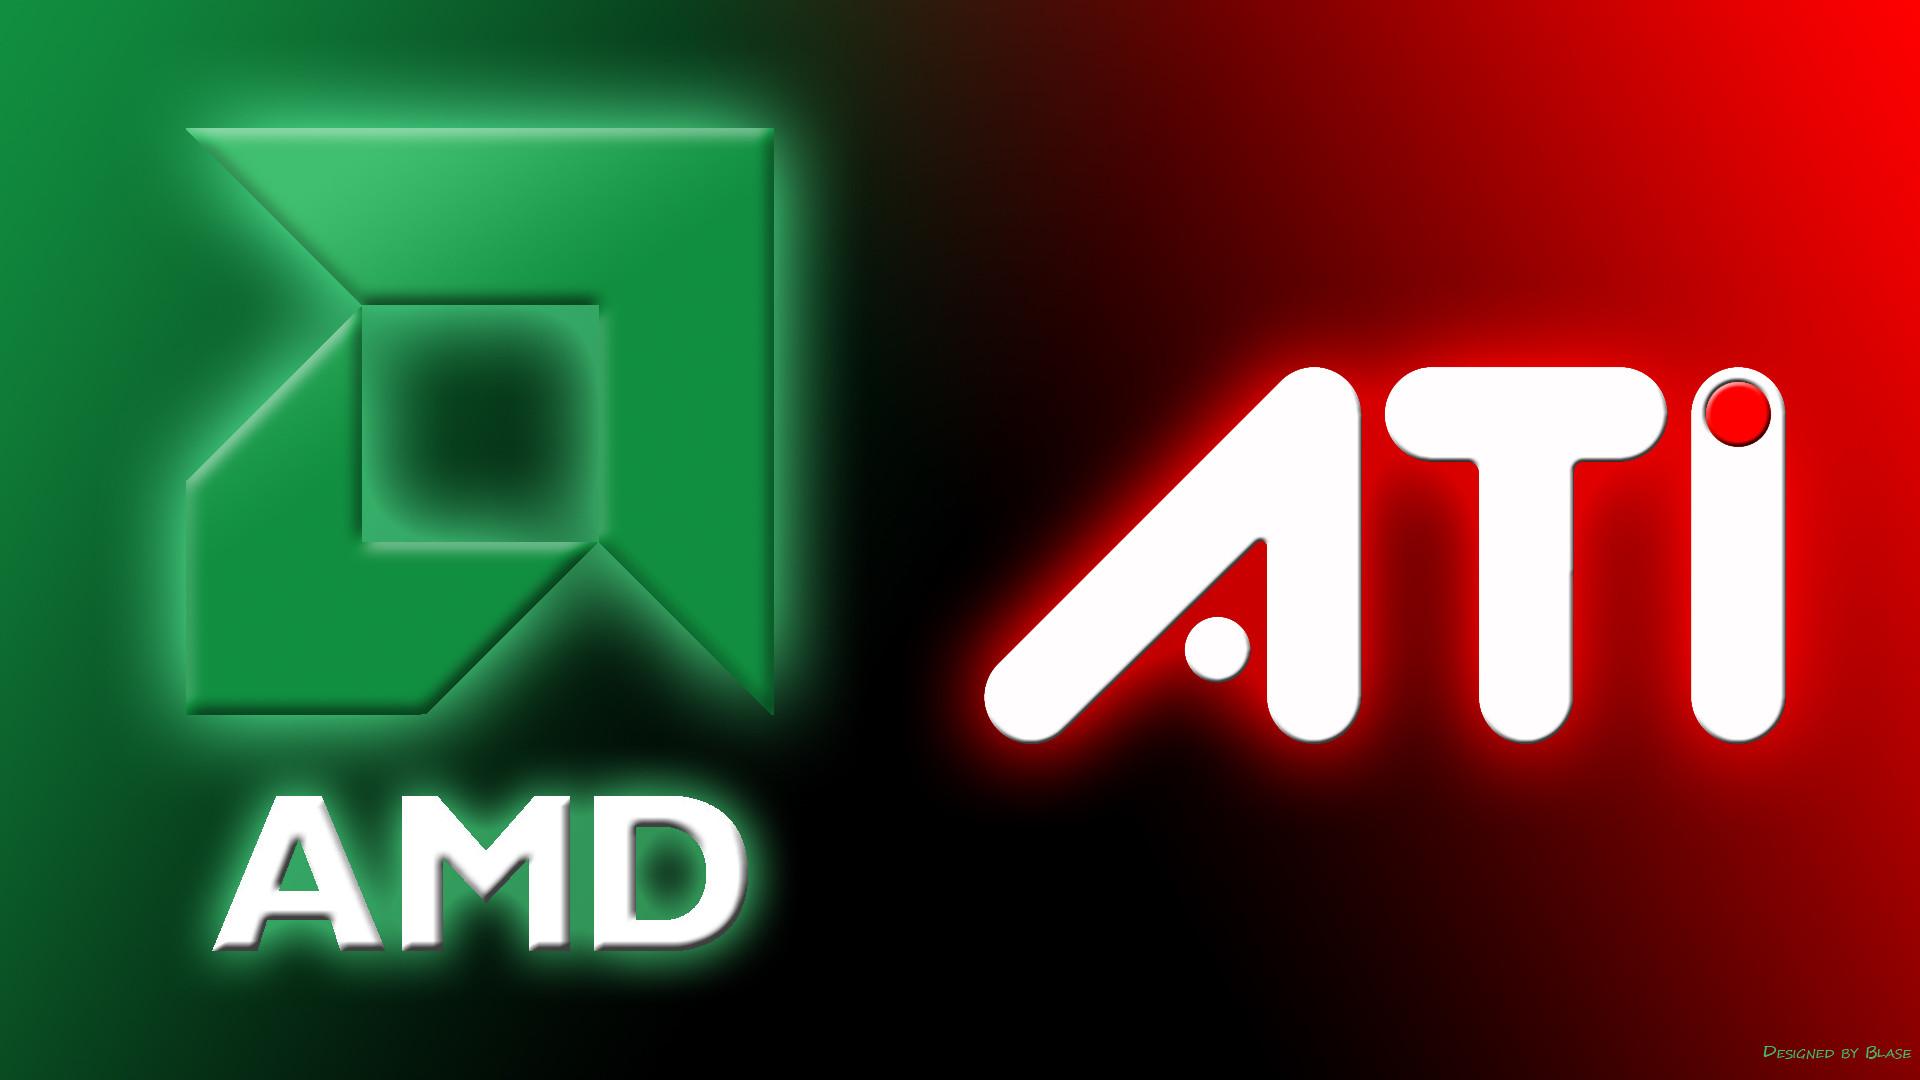 AMD Computer Wallpapers, Desktop Backgrounds   1600×900   ID:389249